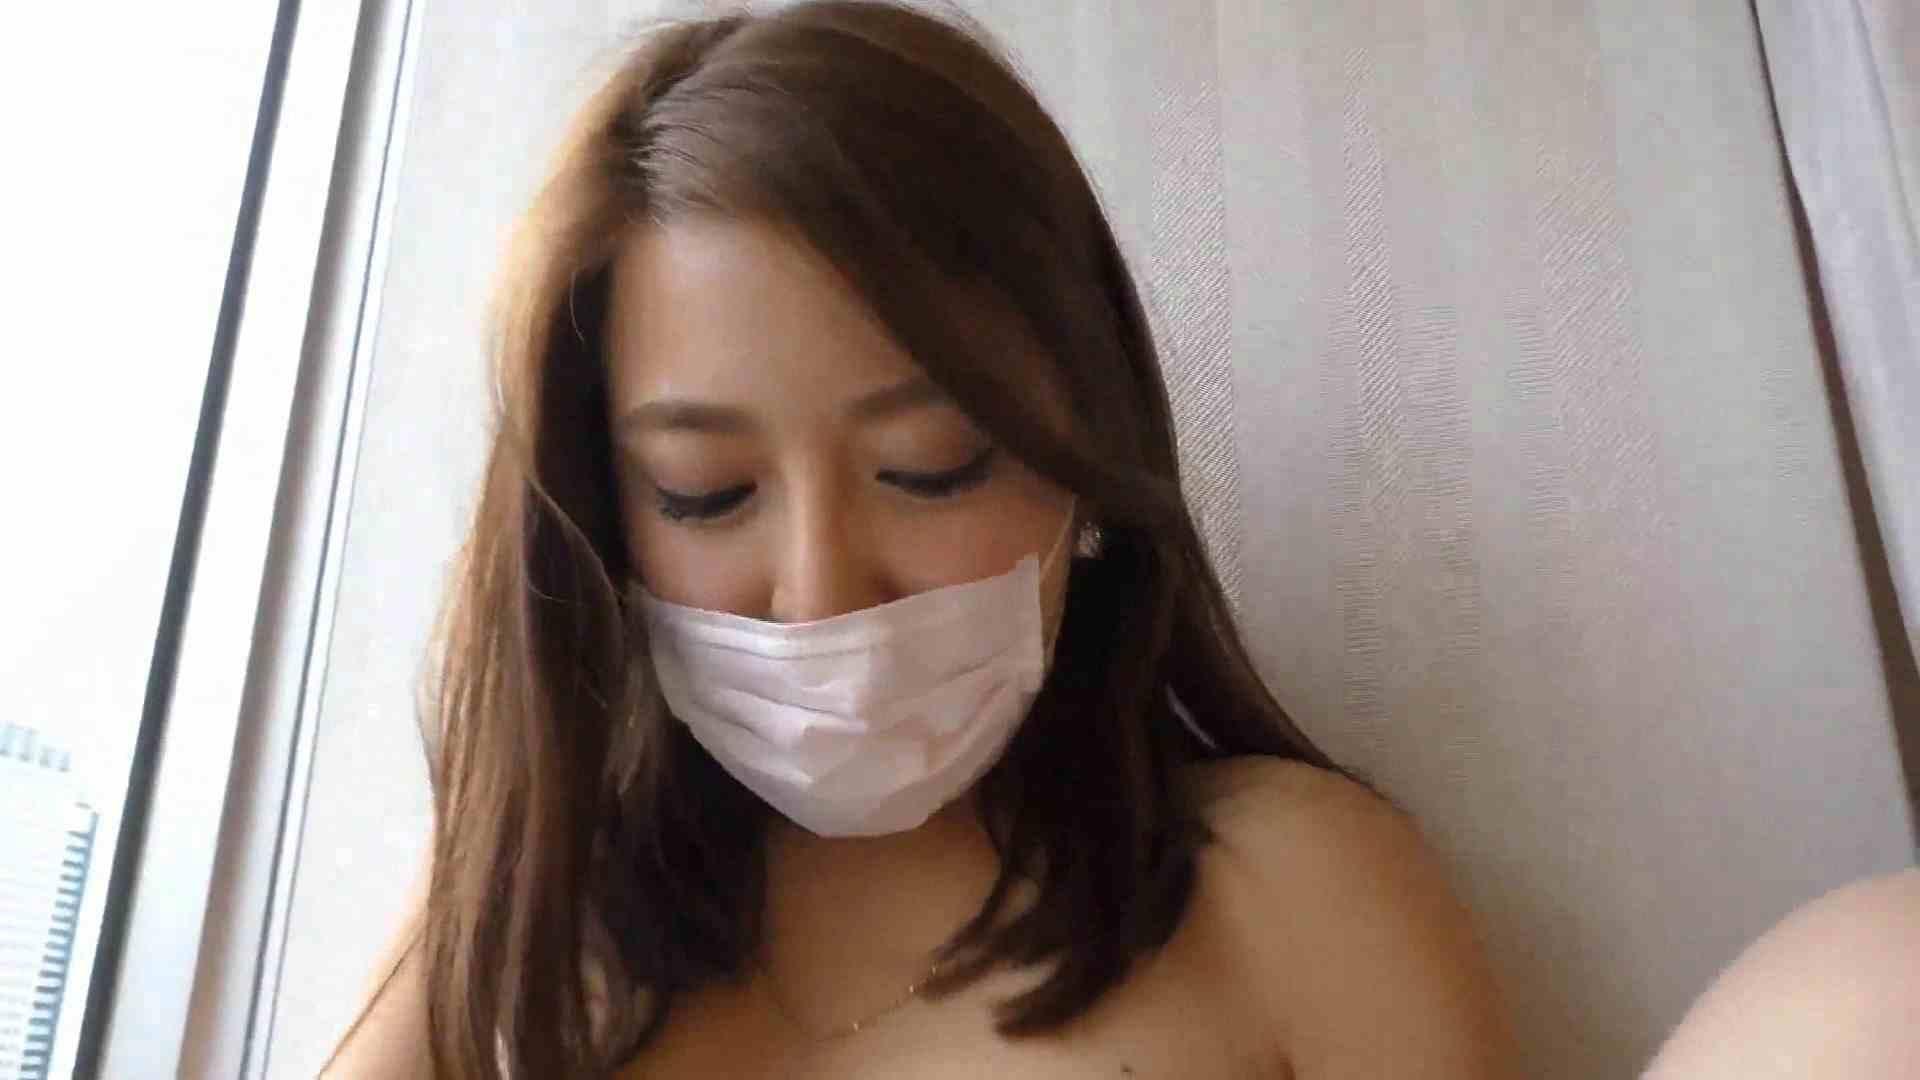 素人S級美女特選!小悪魔ギャル噂のビッチガールVol.21 OL裸体 | 一般投稿  72画像 23